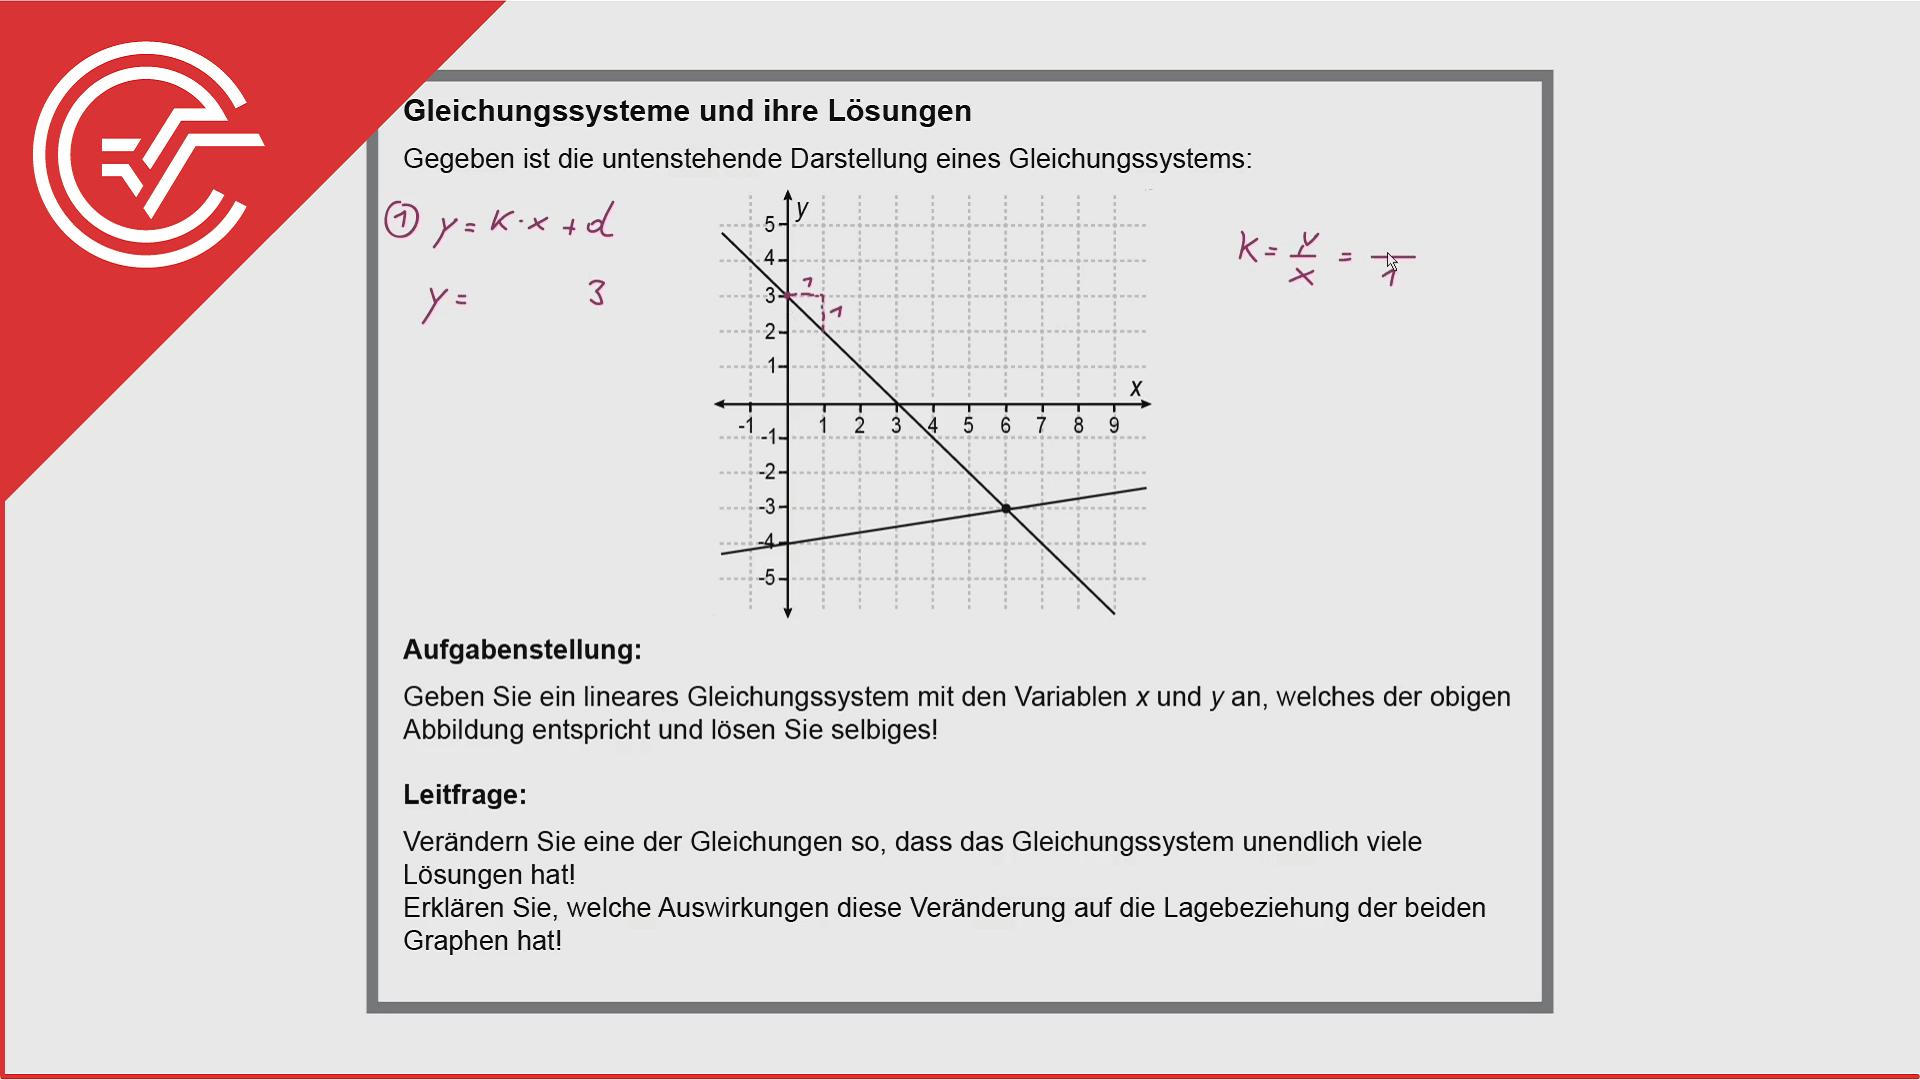 Kompensationsprüfung Aufgabe 1 - Gleichungssystem lösen